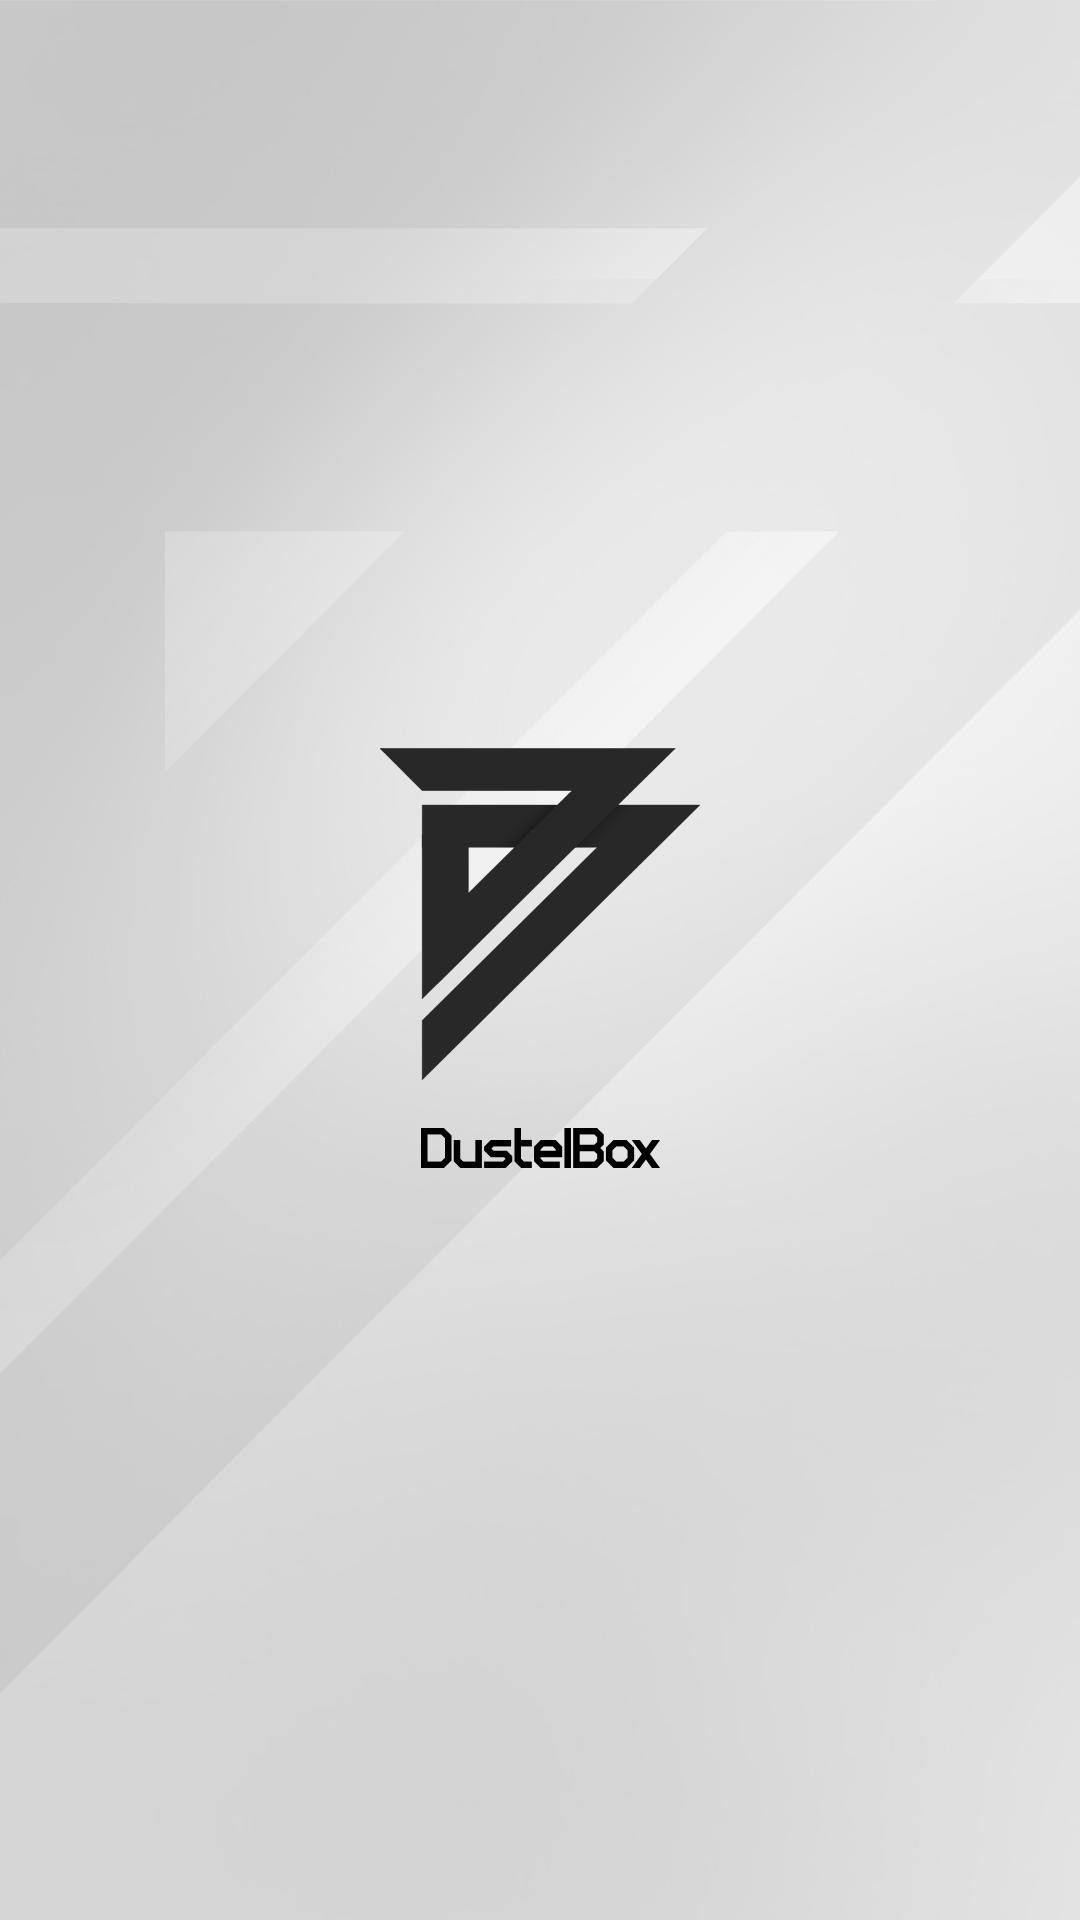 ダステルの新ロゴ壁紙を配布します ダステル Dustelbox ゲーム攻略秘密基地